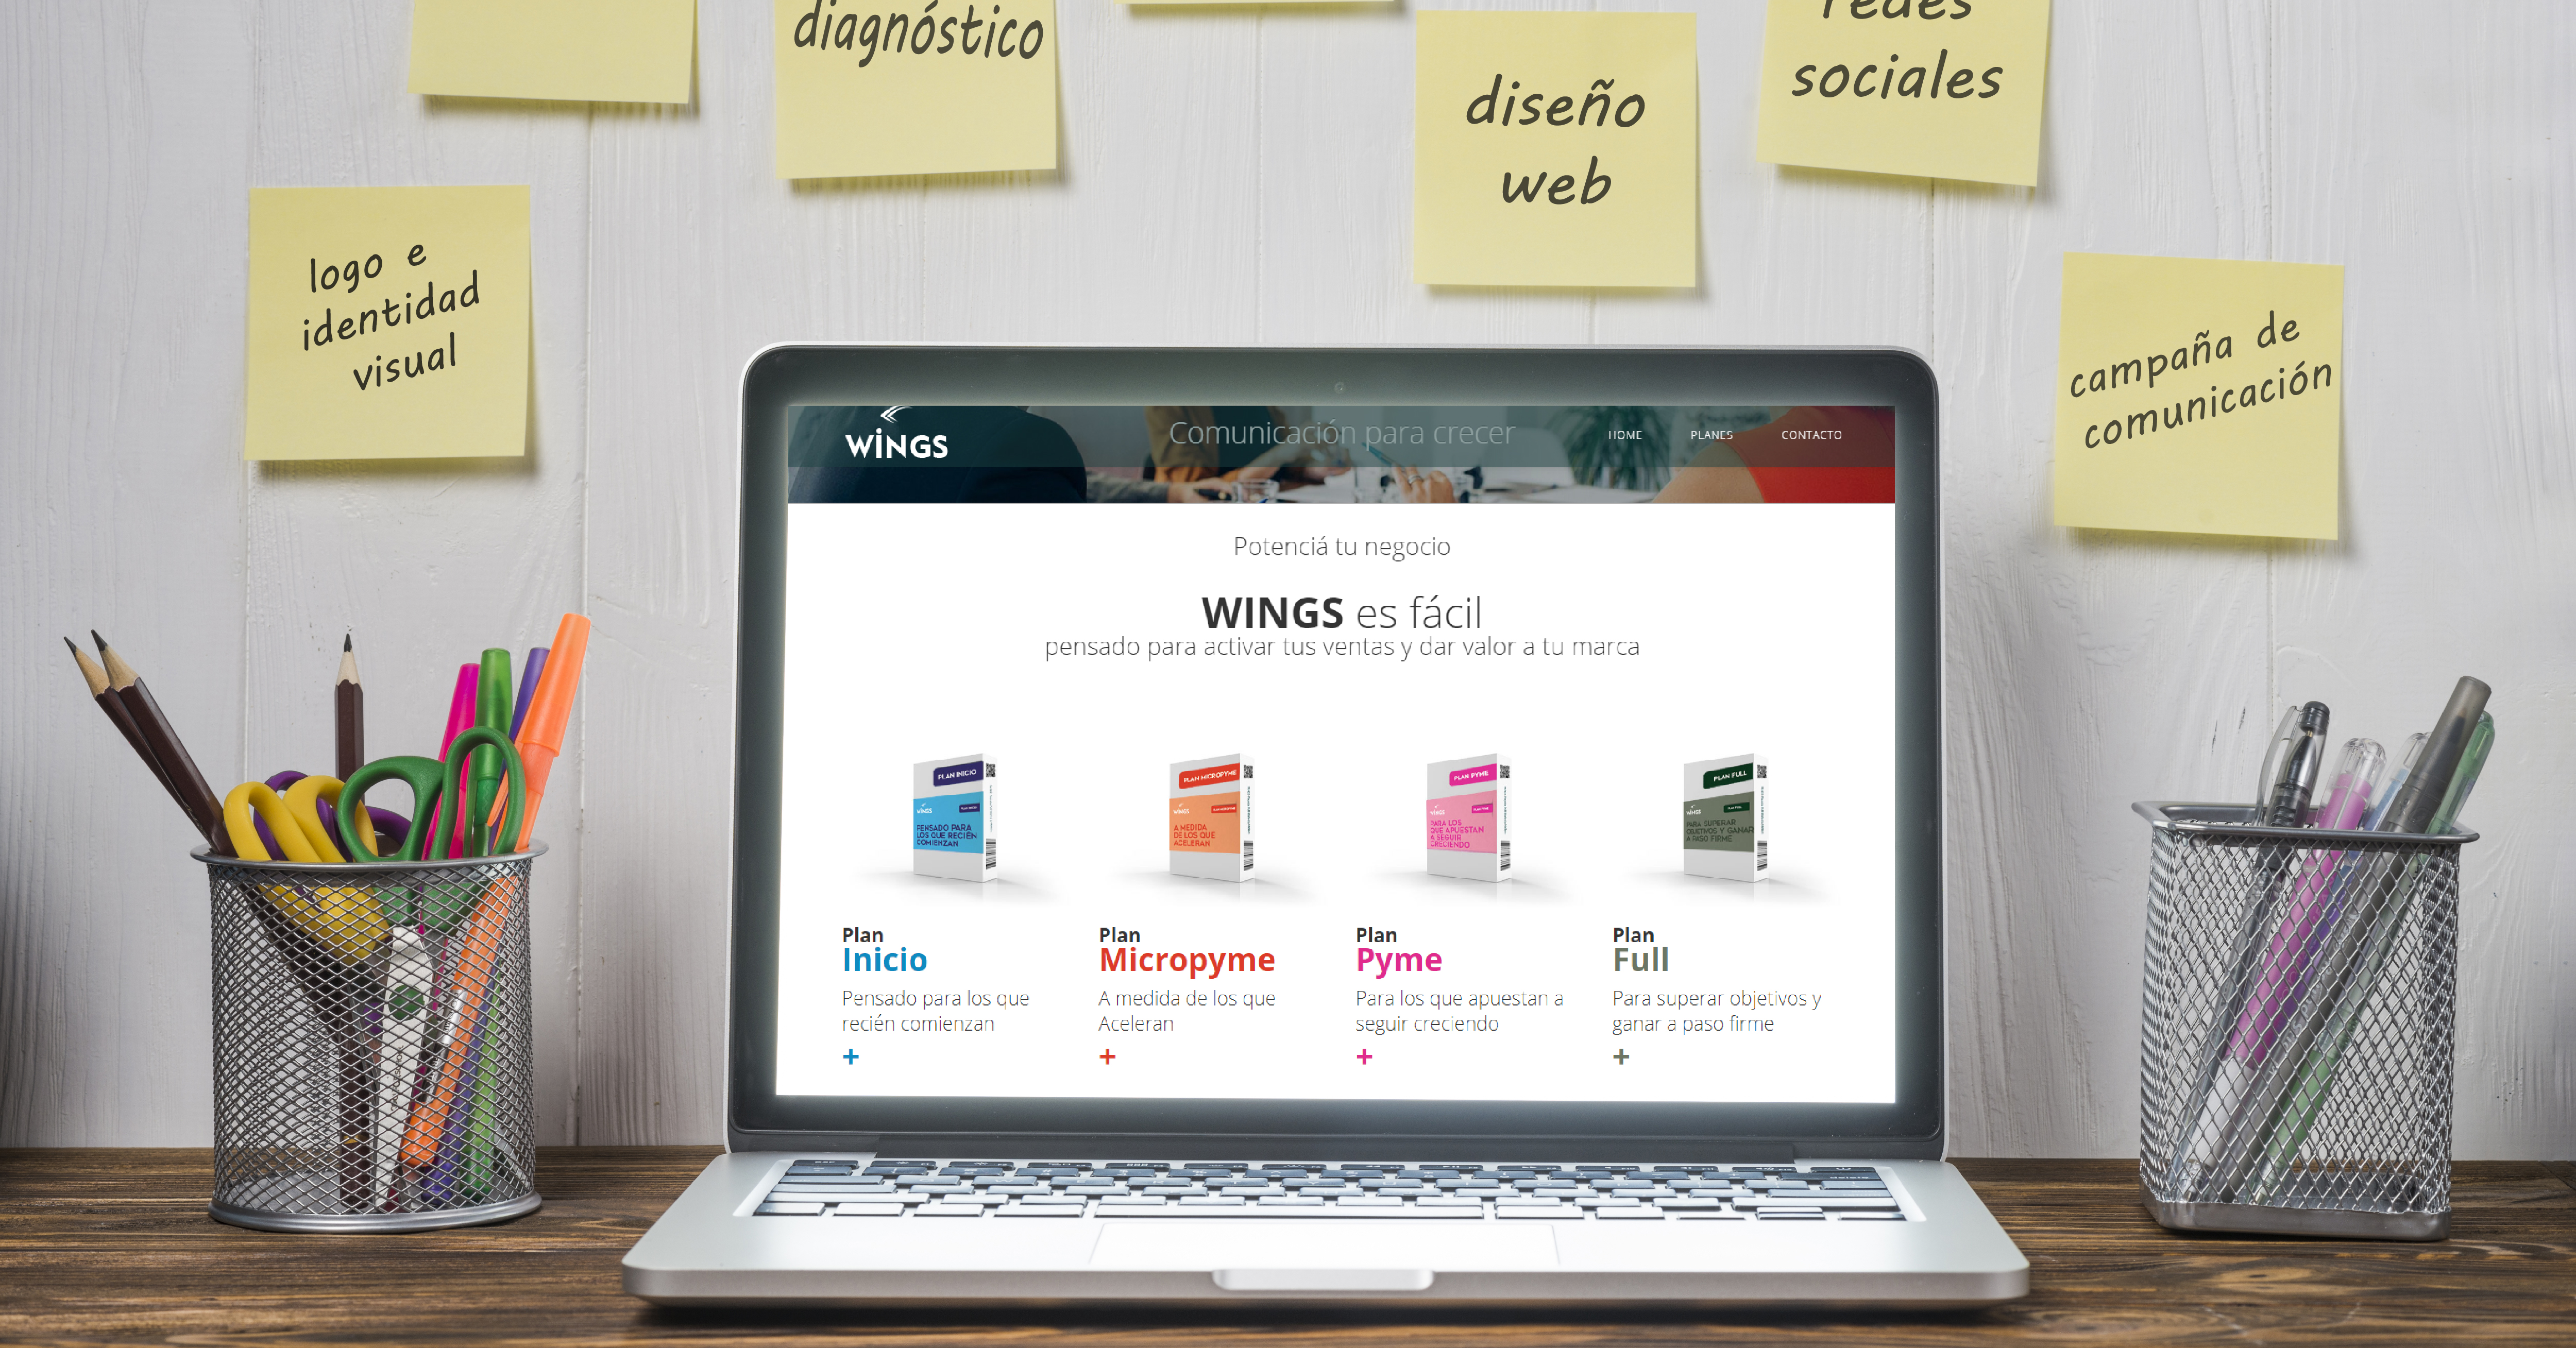 planes wings